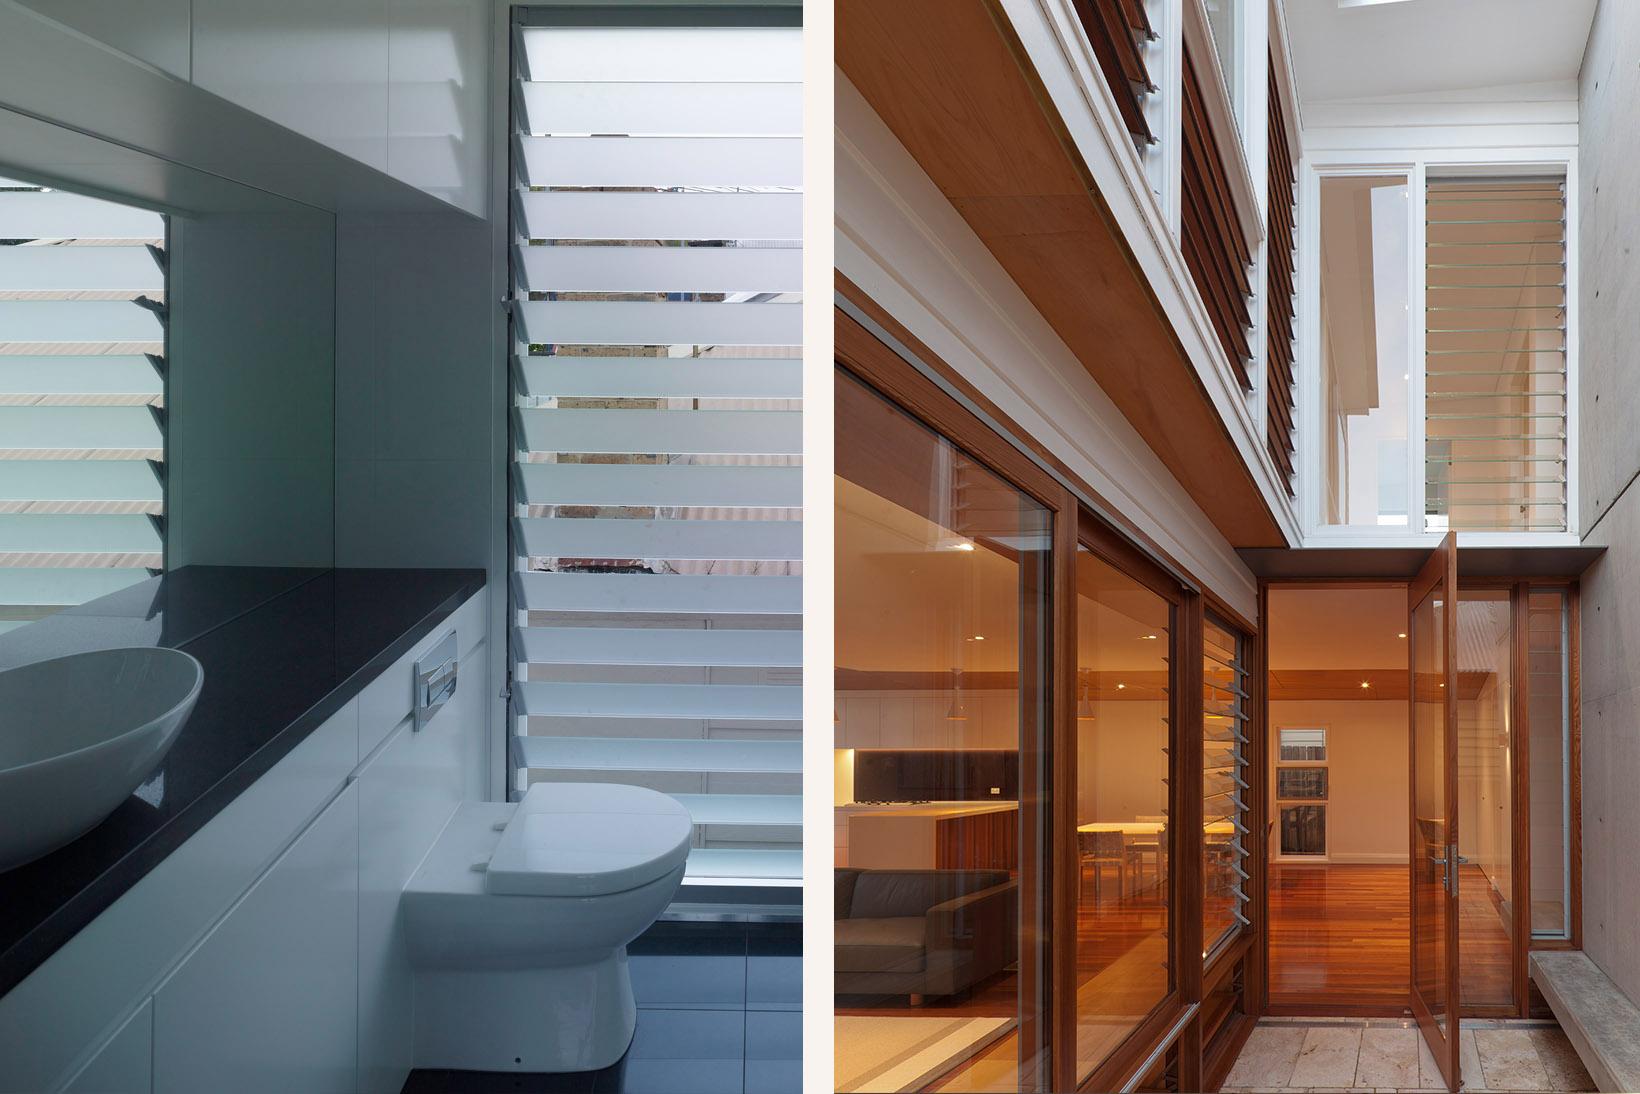 b room-courtyard copy.jpg